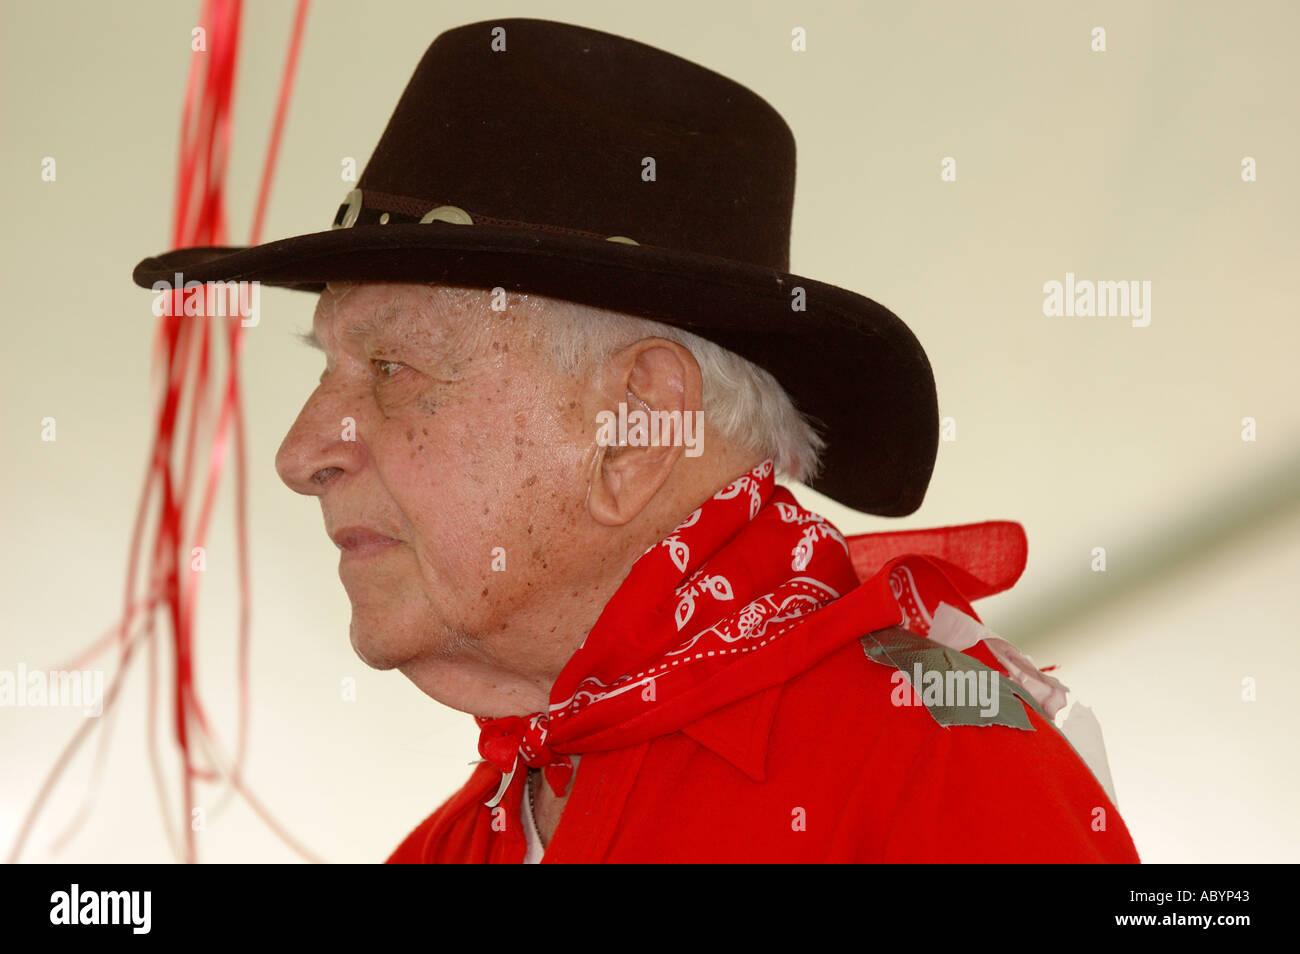 Il vecchio uomo vecchio anziani di età compresa tra i capelli grigi  maglietta rossa cappello da cowboy western hat black hat red bandana uomo  rosso Sambuco ... f57d4d1300a0